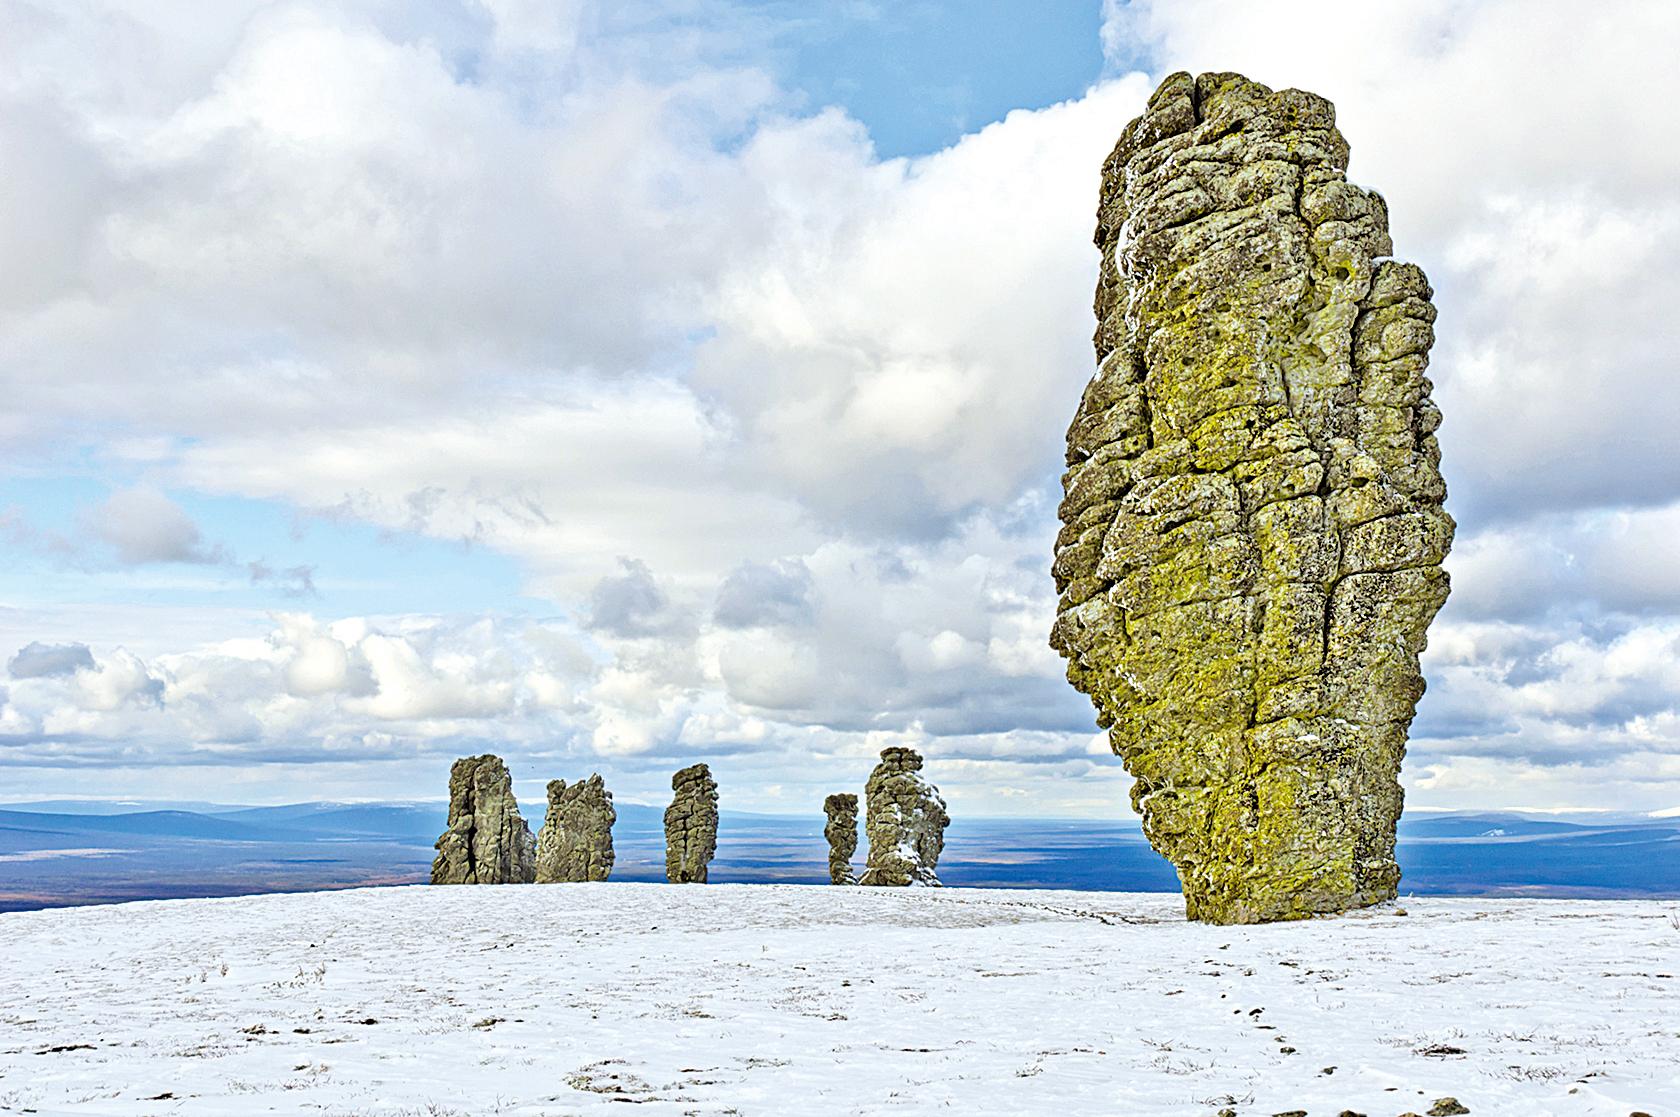 俄羅斯巨型石柱 如直立七巨人